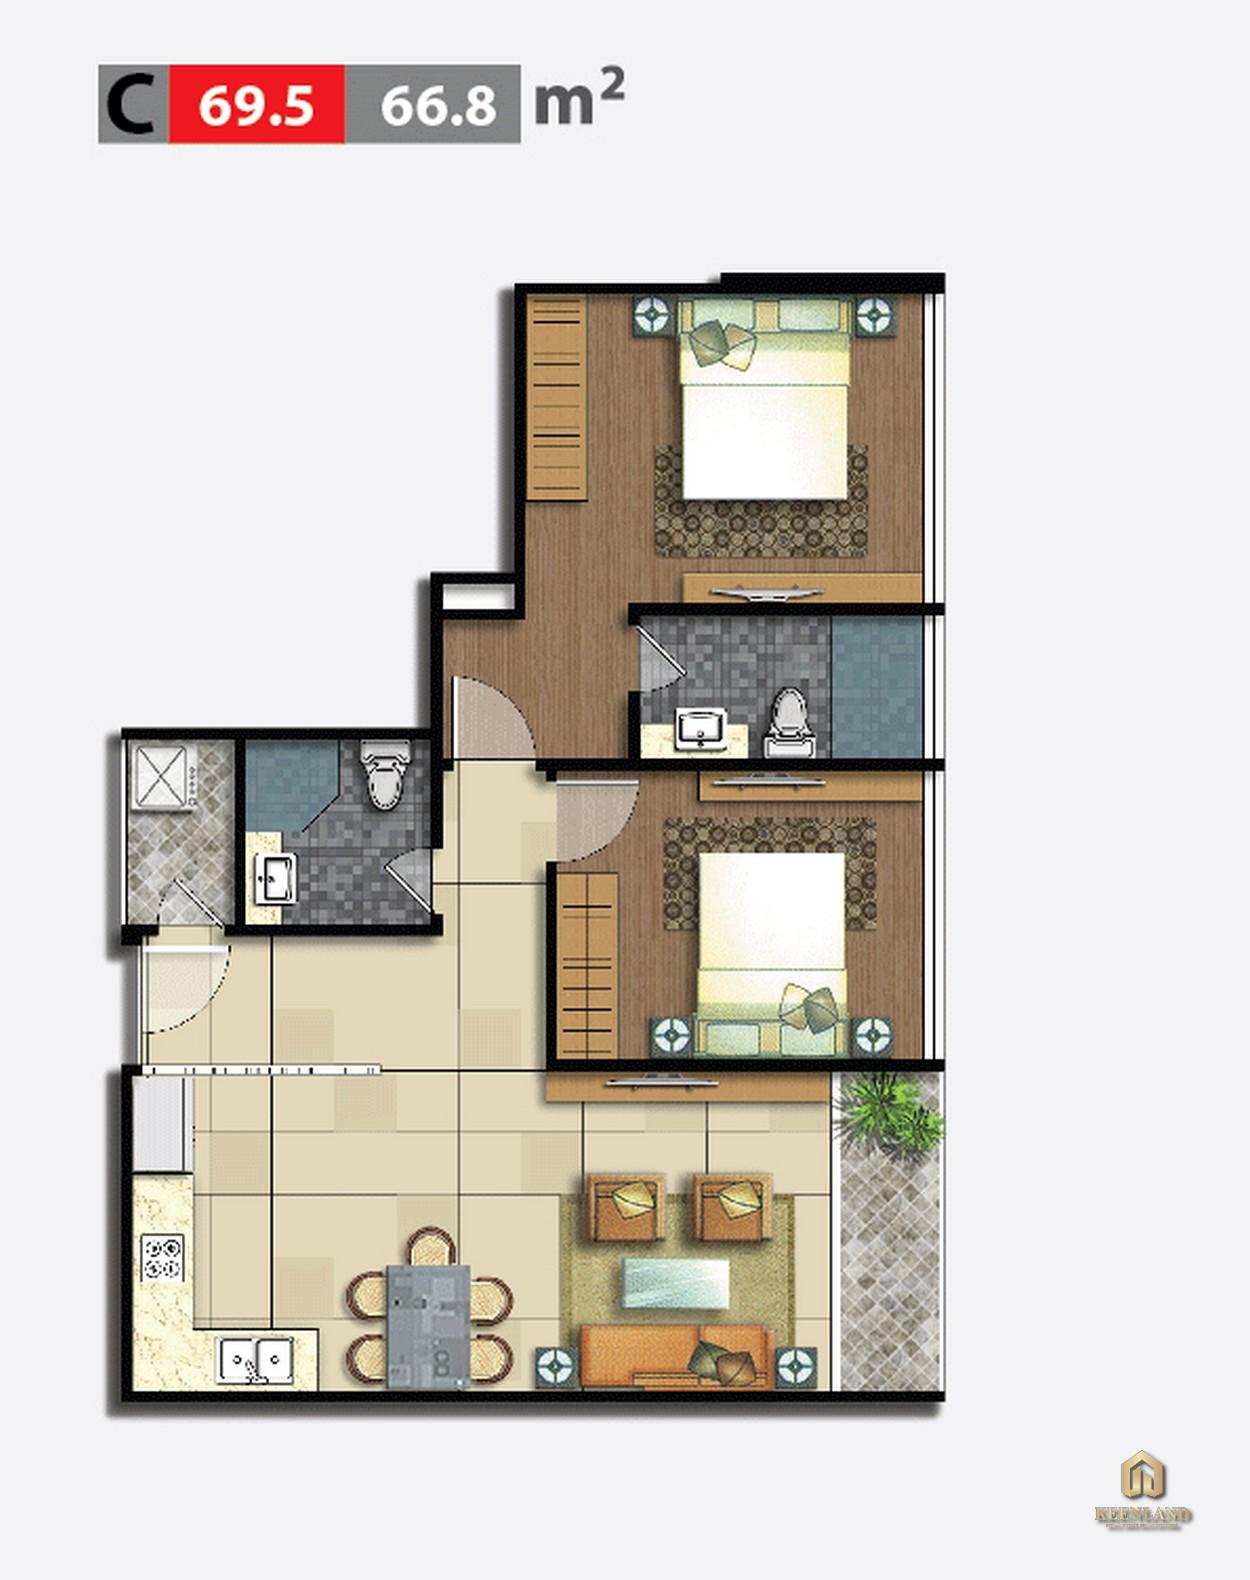 Thiết kế chi tiết căn hộ 2 phòng ngủ